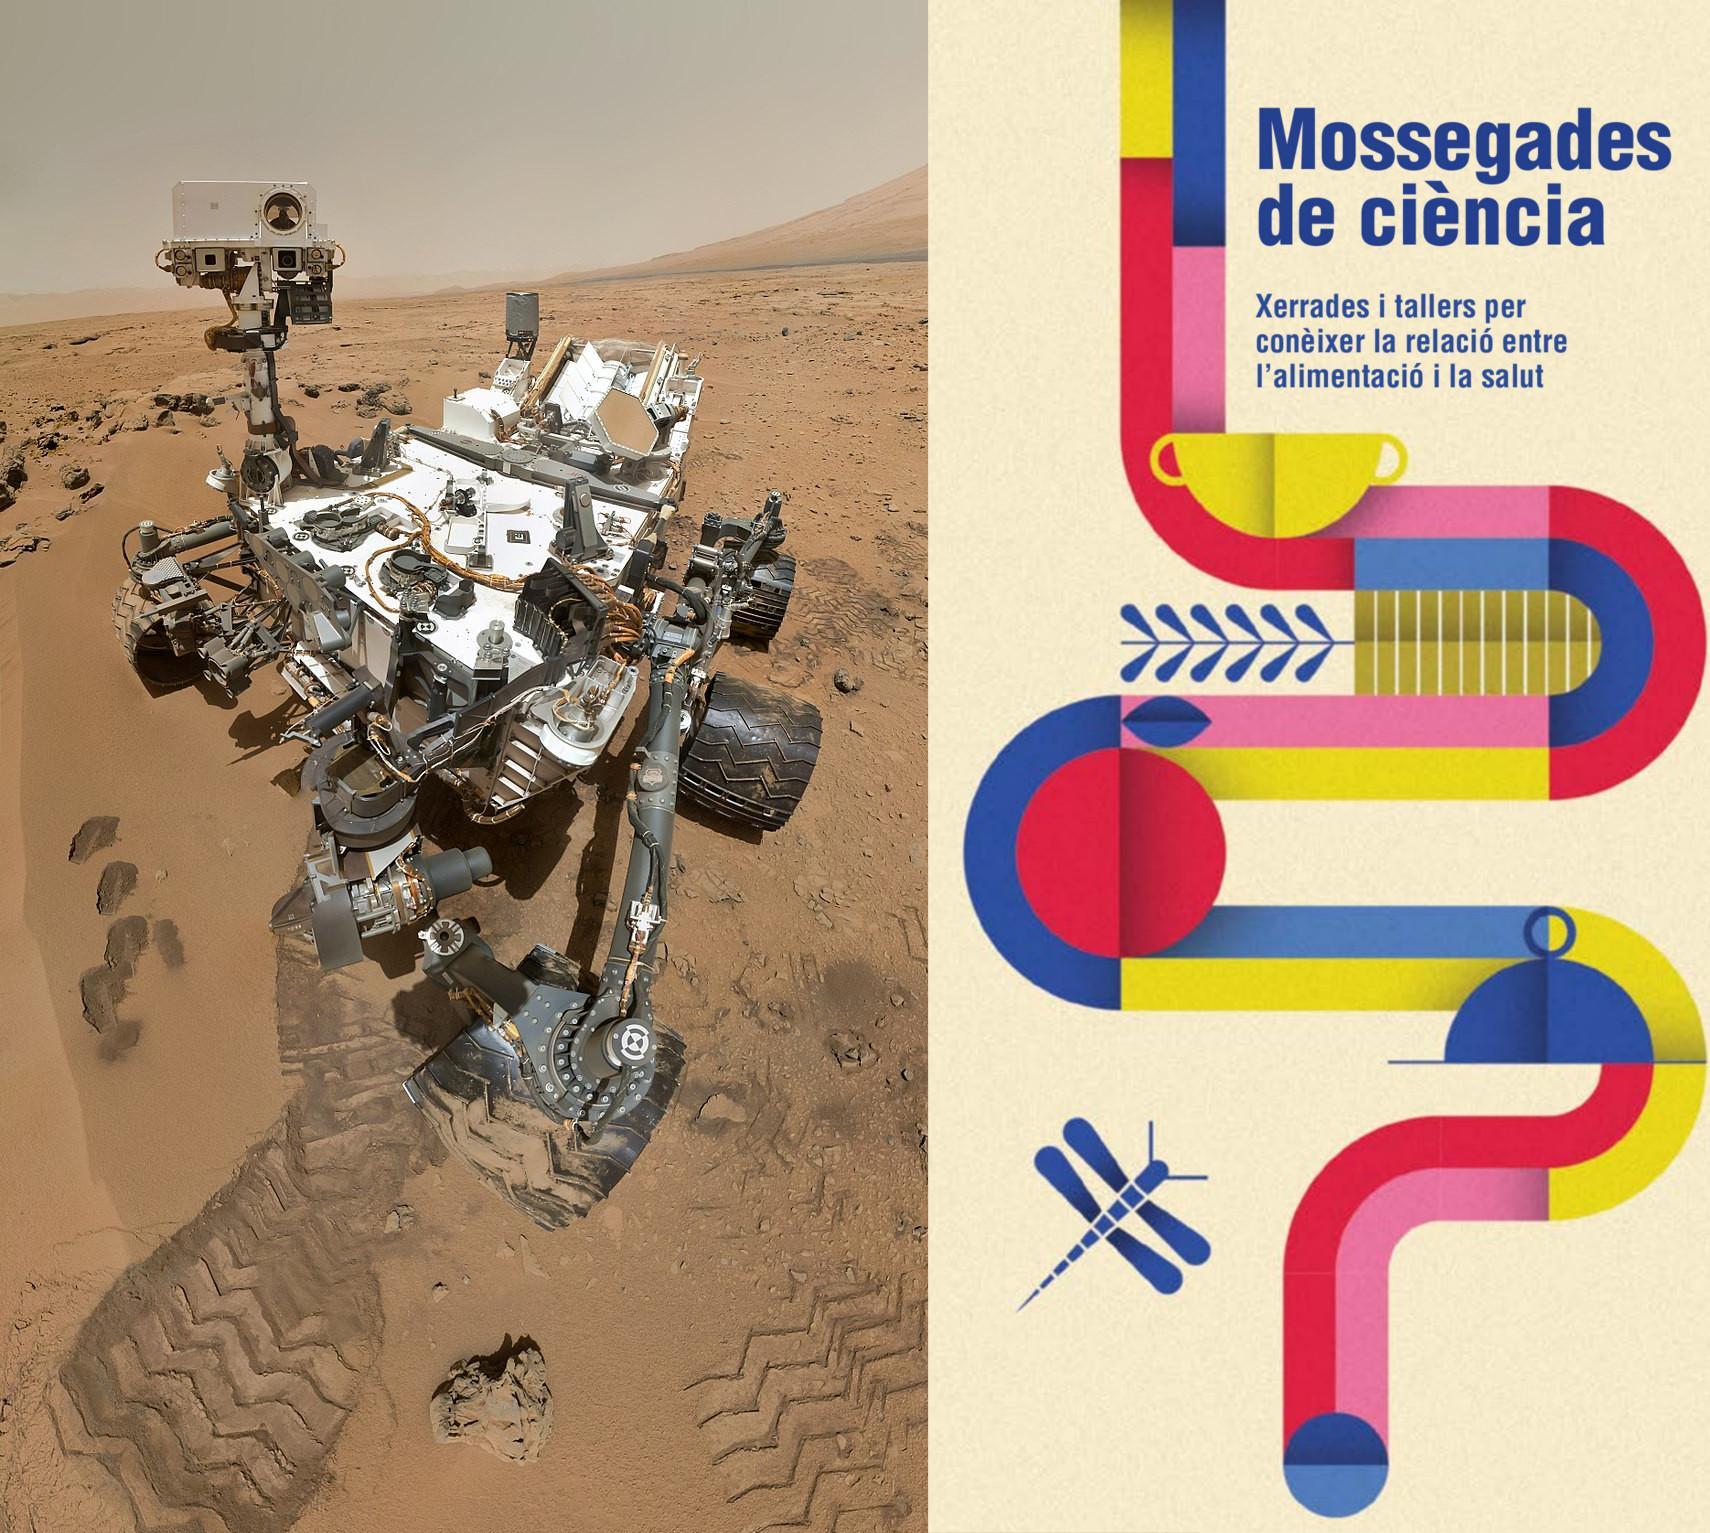 Astronautes del Curiosity. Mossegades de ciència